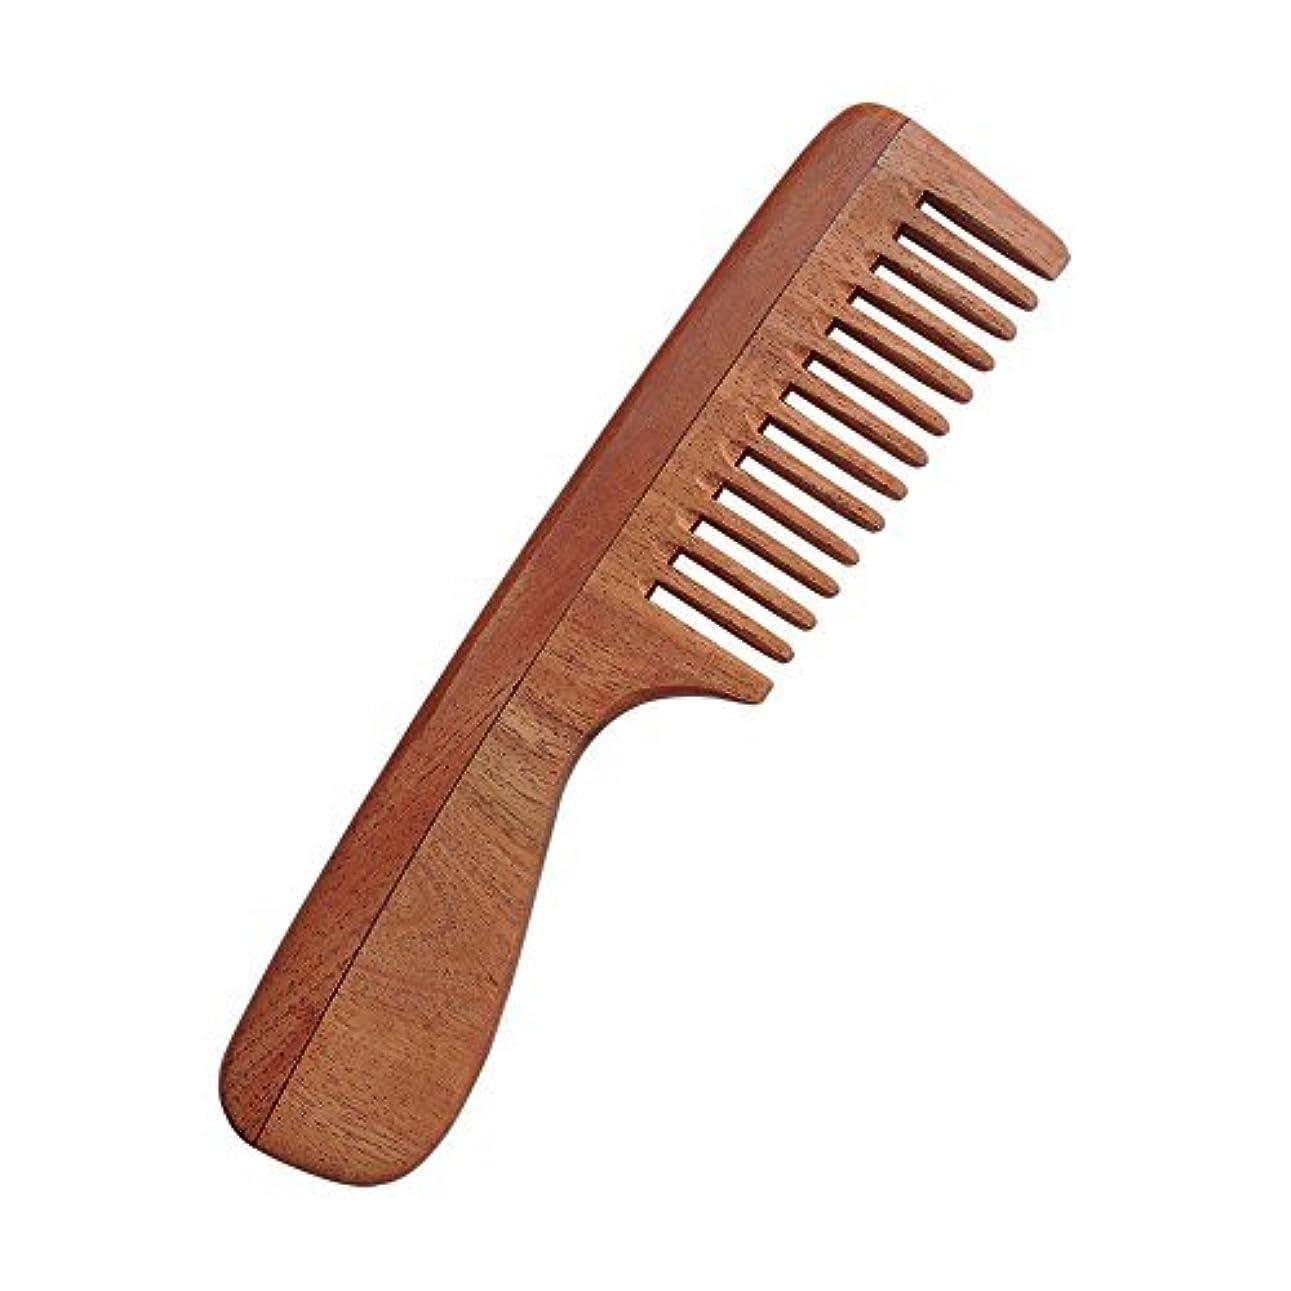 自信があるミケランジェロ始めるHealthGoodsIn - Pure Neem Wood Wide Tooth Comb with Handle for Thick Hair | Wide Tooth Comb| Comb with Handle...